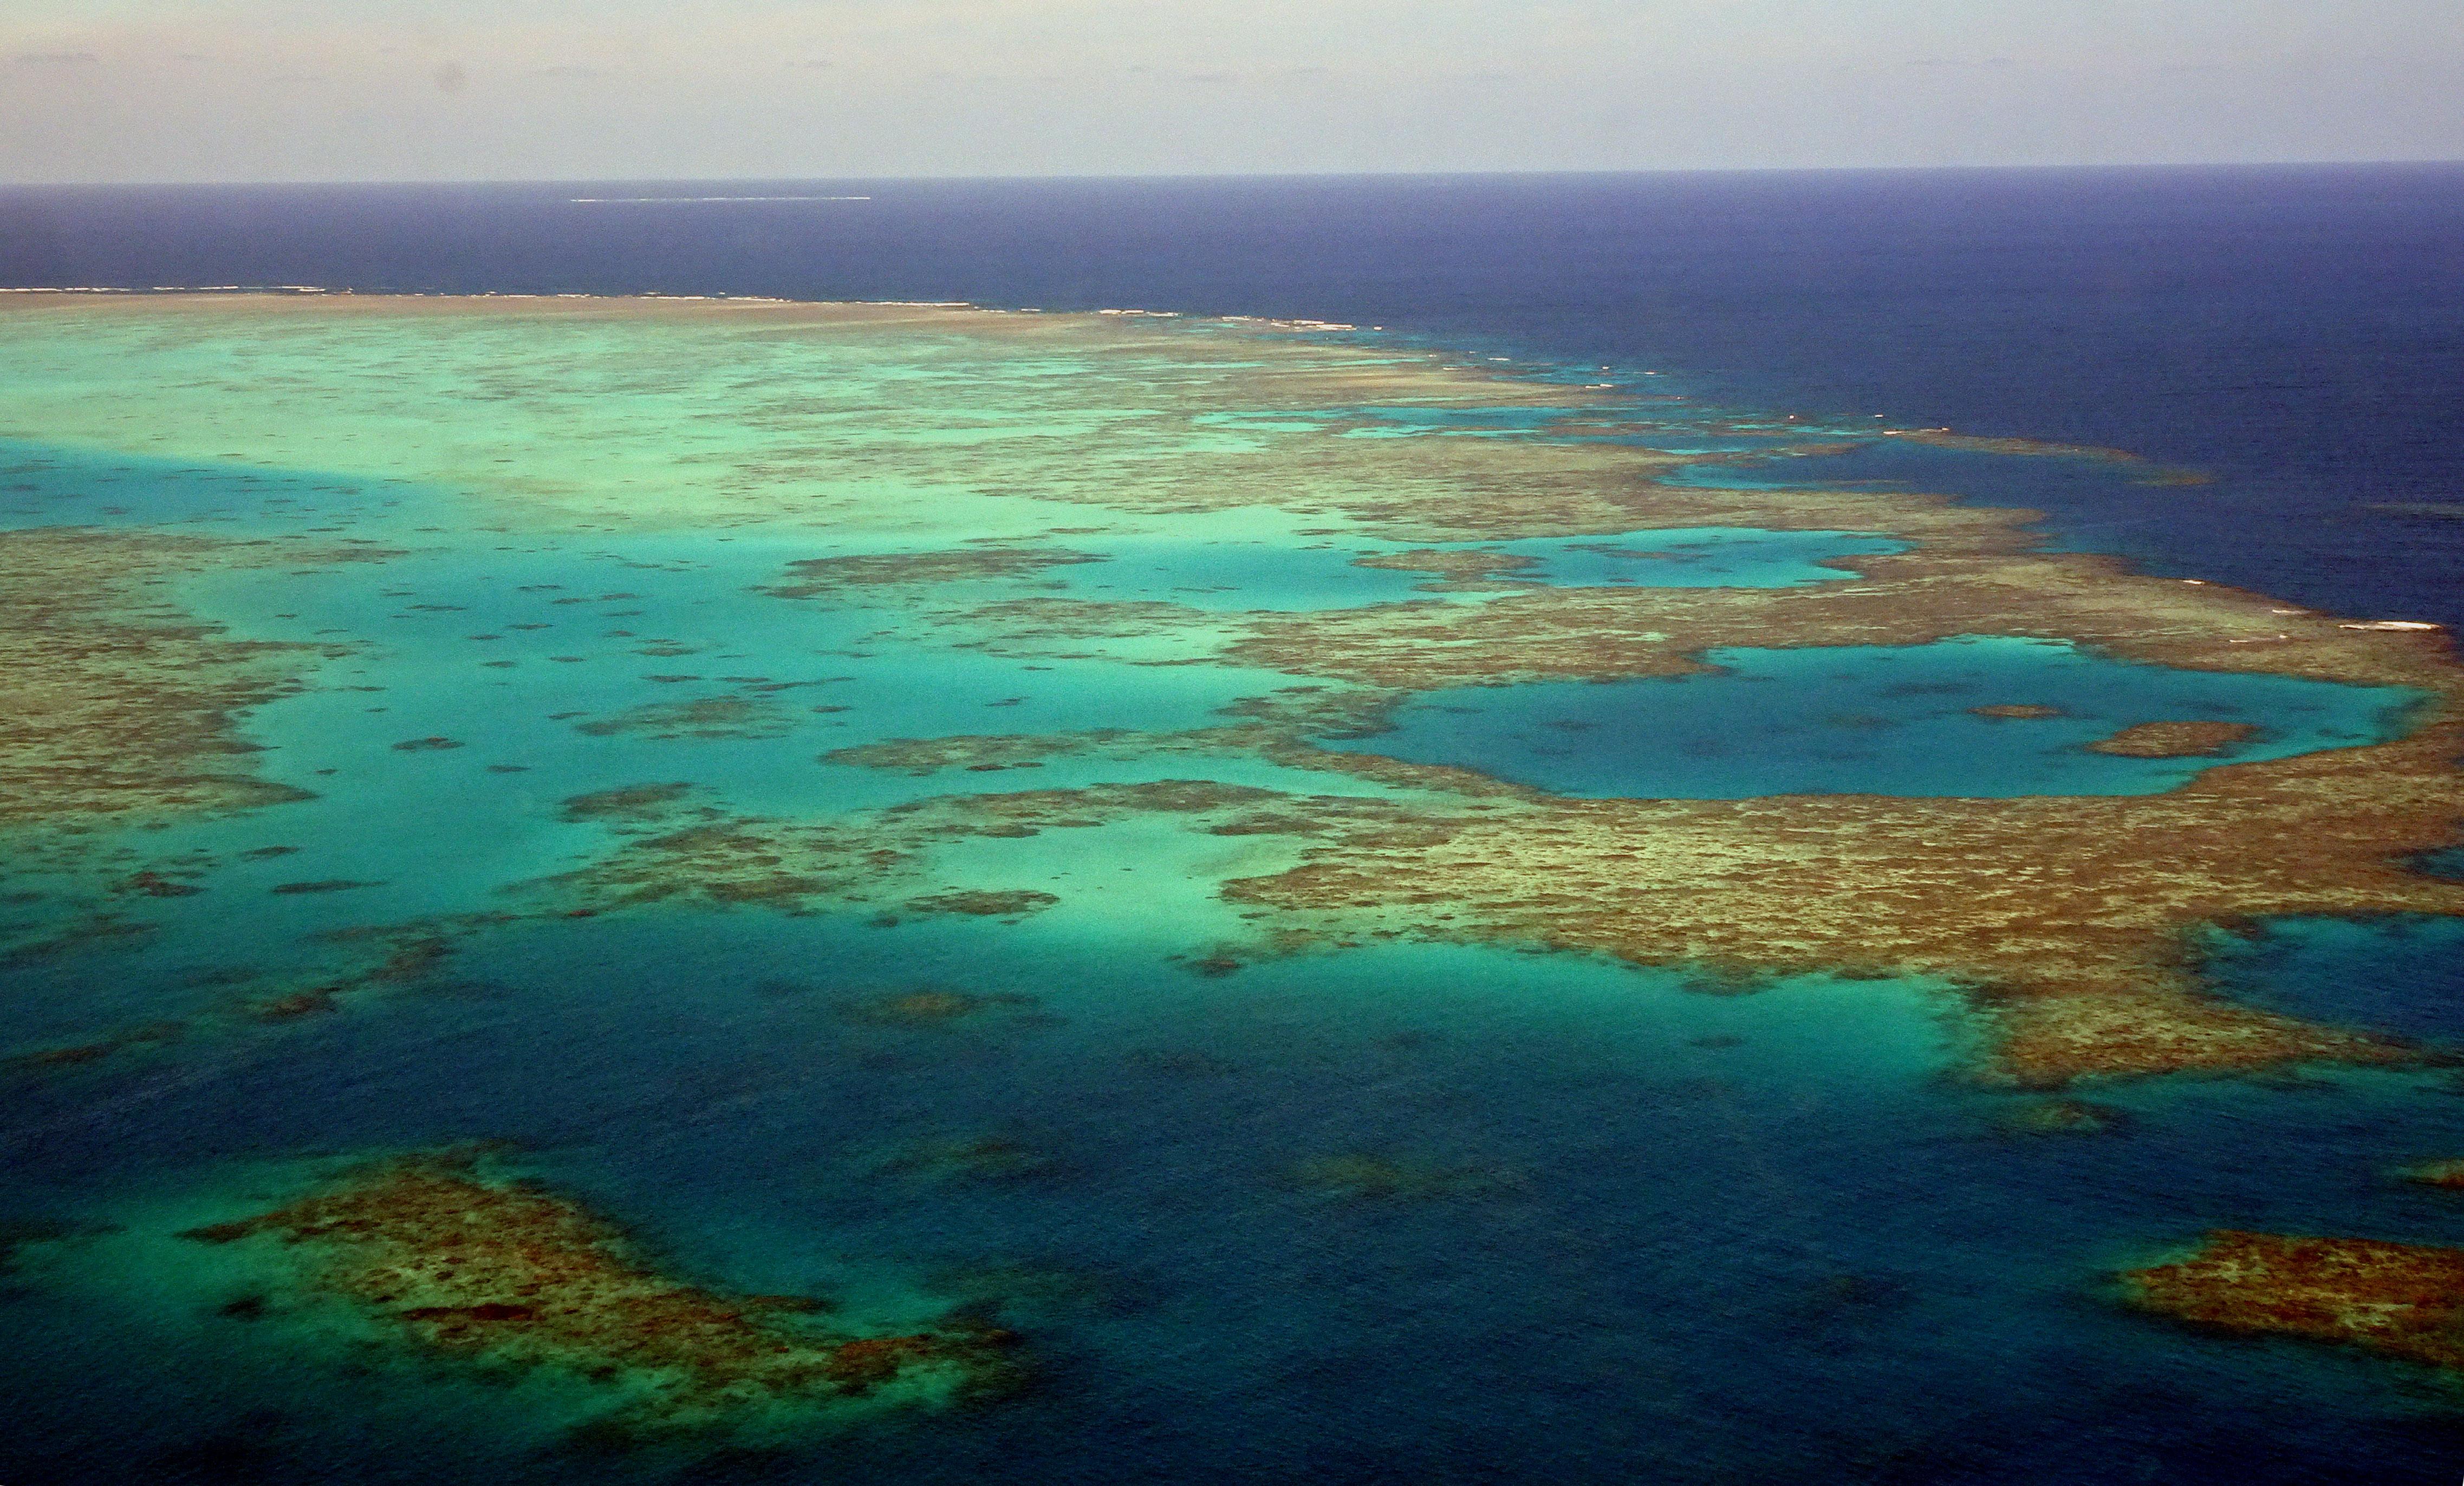 Ausztrália nem akarja, hogy az UNESCO veszélyeztetettnek minősítse a Nagy-korallzátonyt